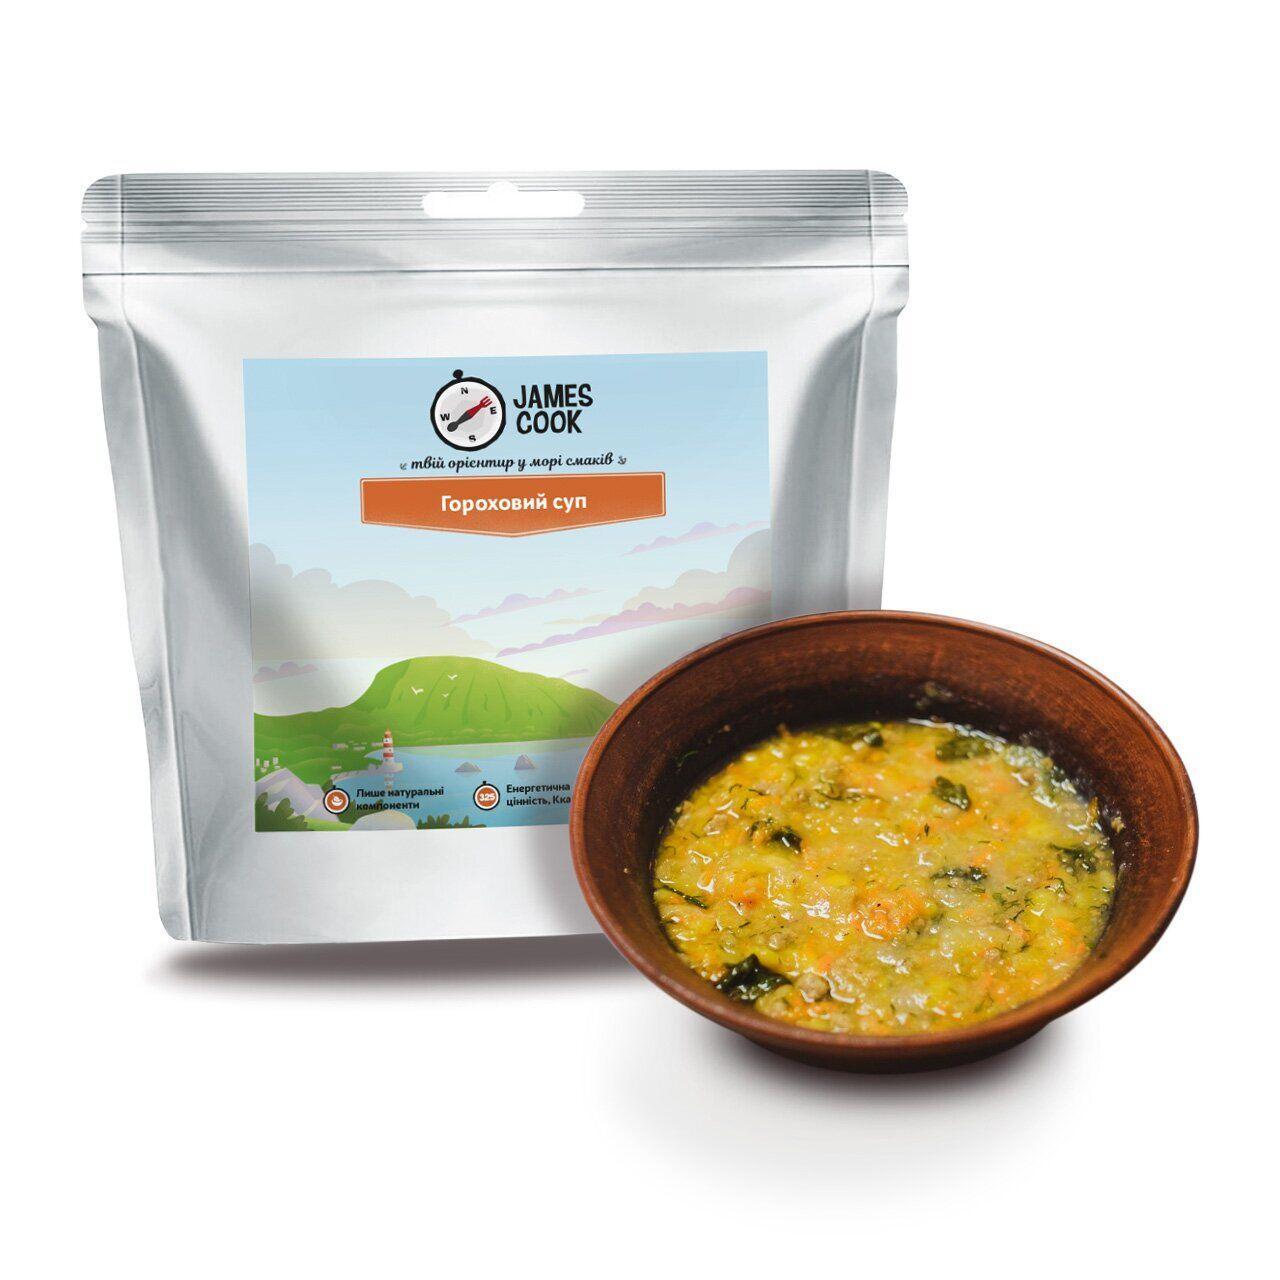 Сублимированный Гороховый суп James Cook